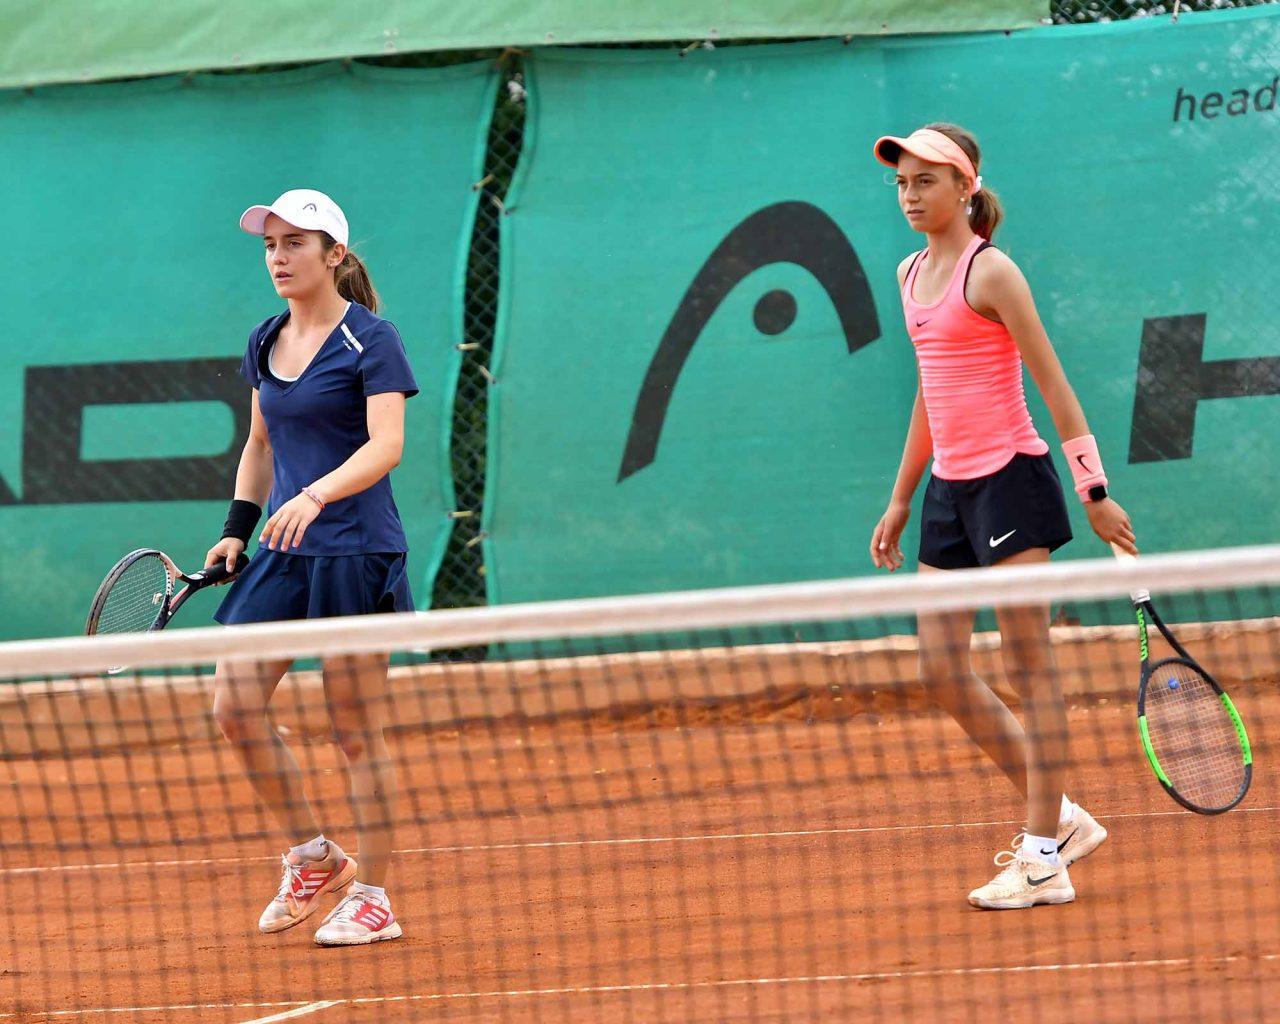 Държавно първенство тенис до 14 год. ТК 15-40 двойки полуфинал (6)